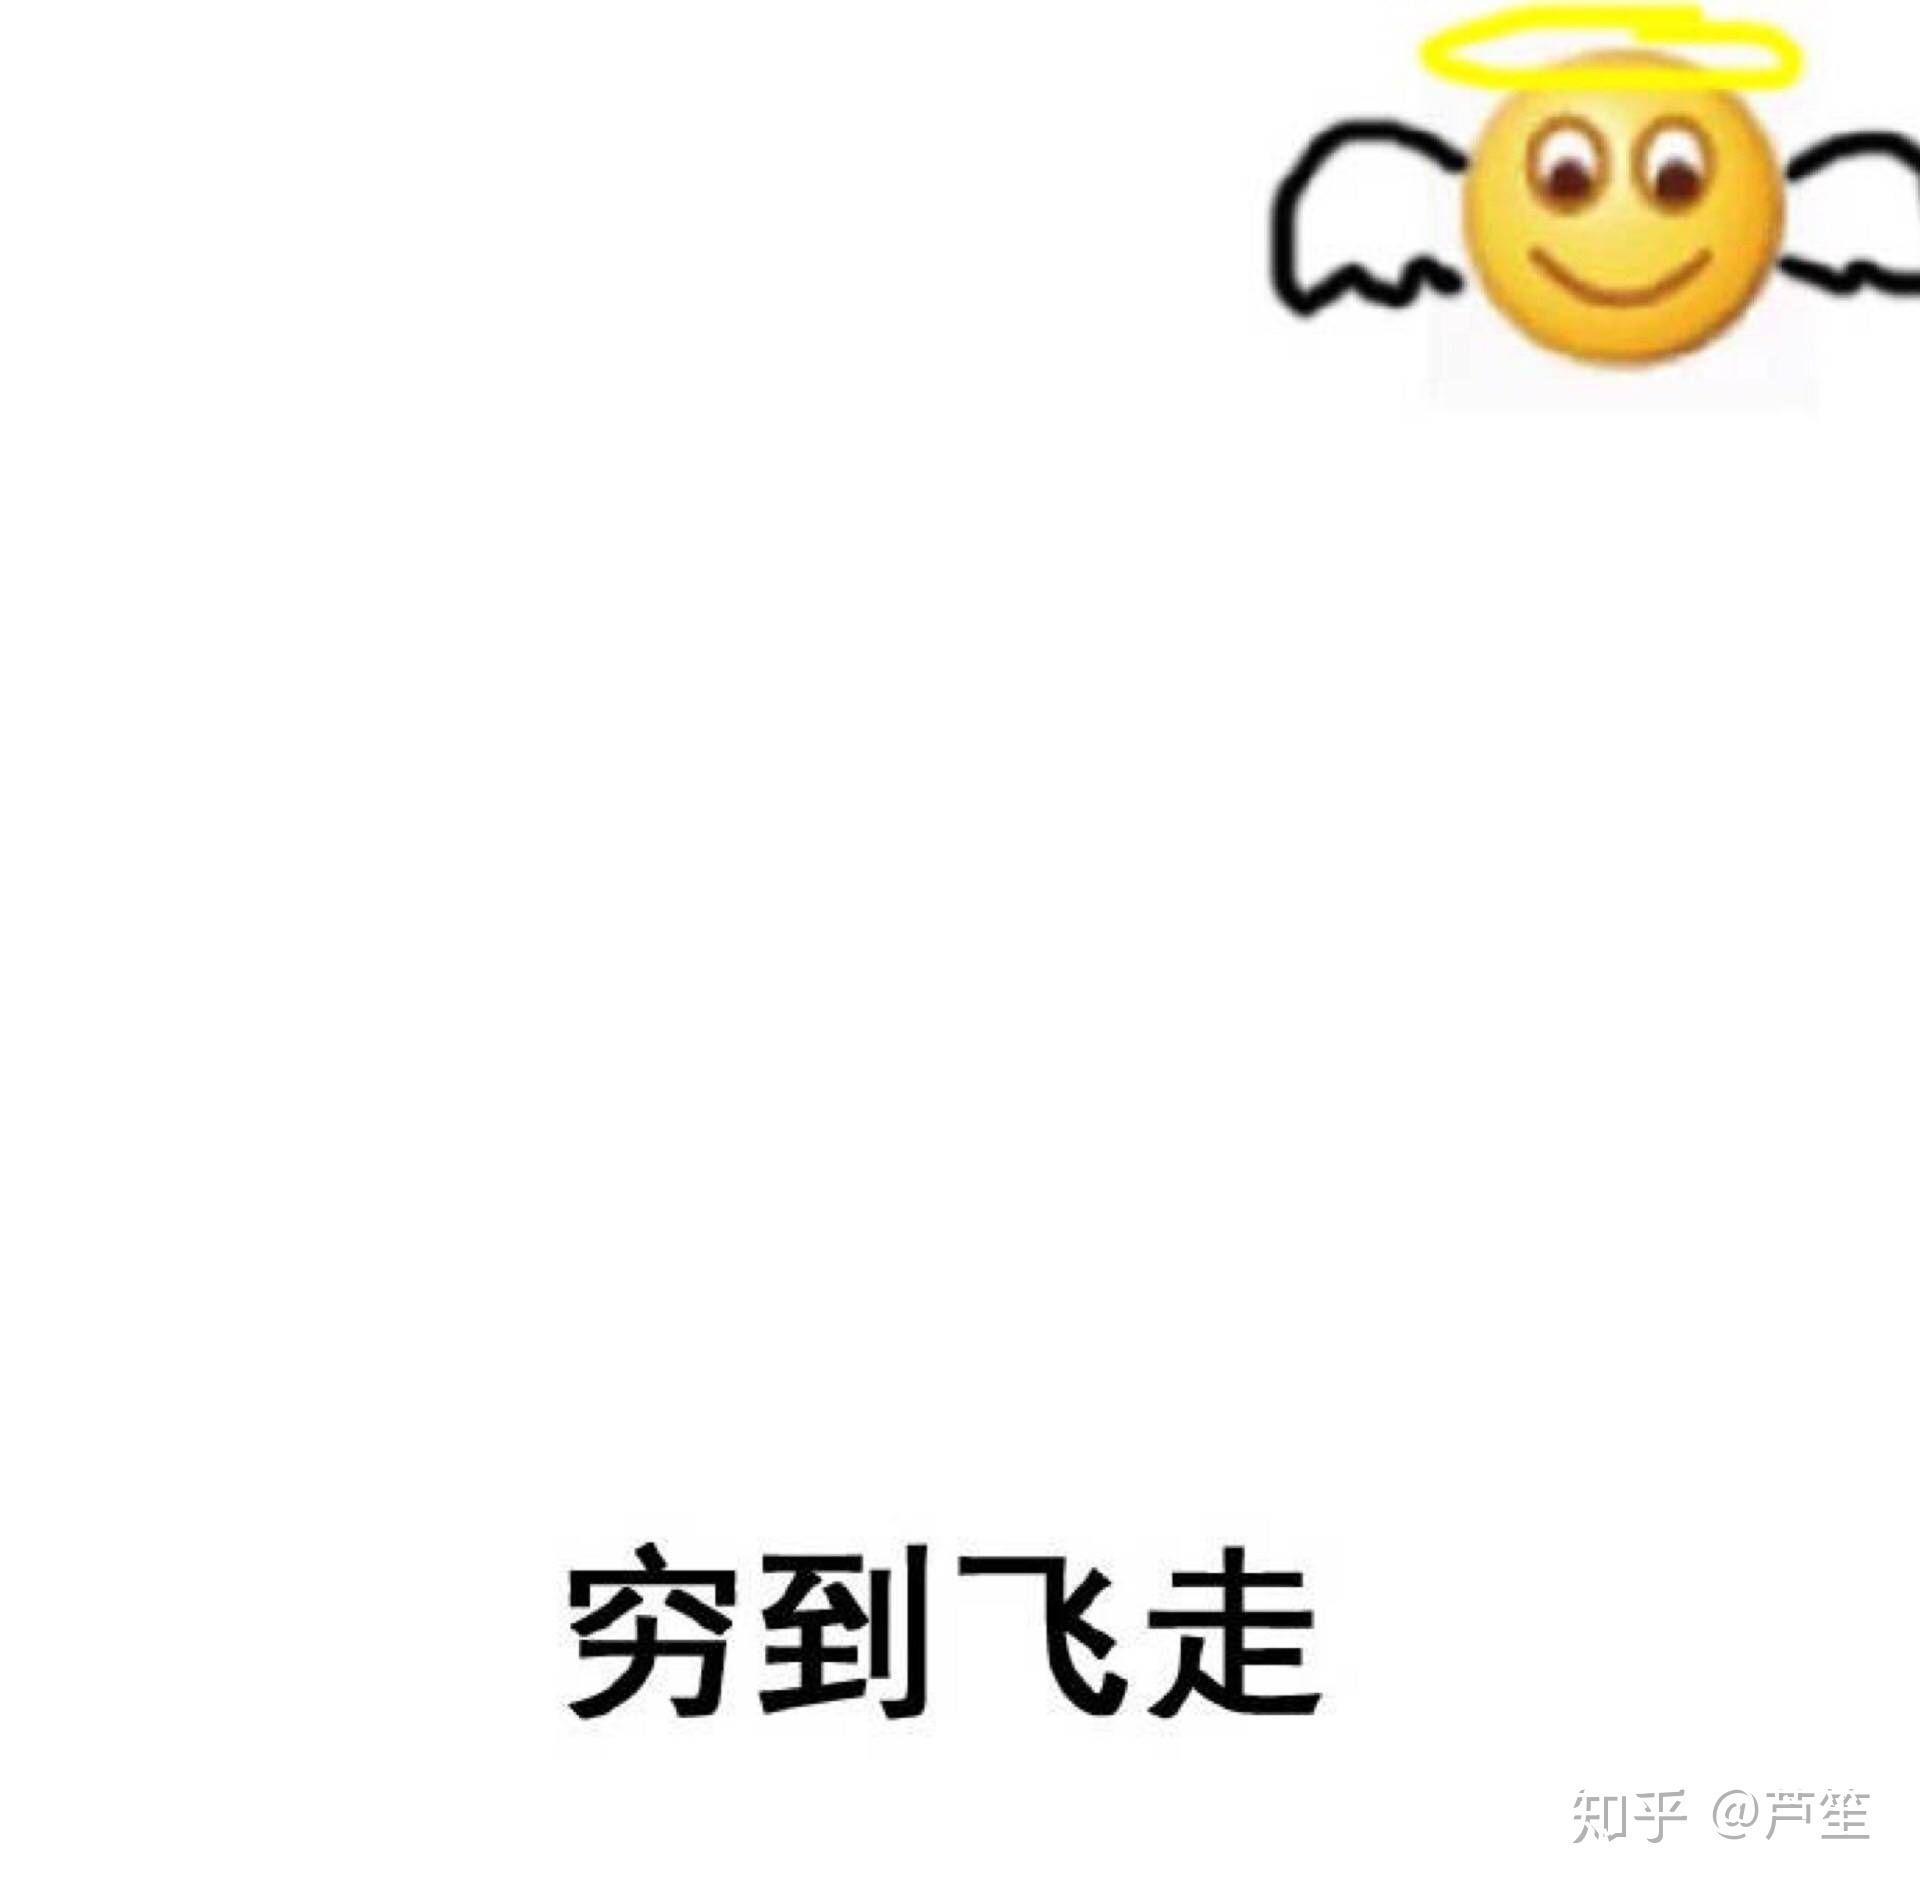 為什么河北省在中國諸省市中,存在感這么低?